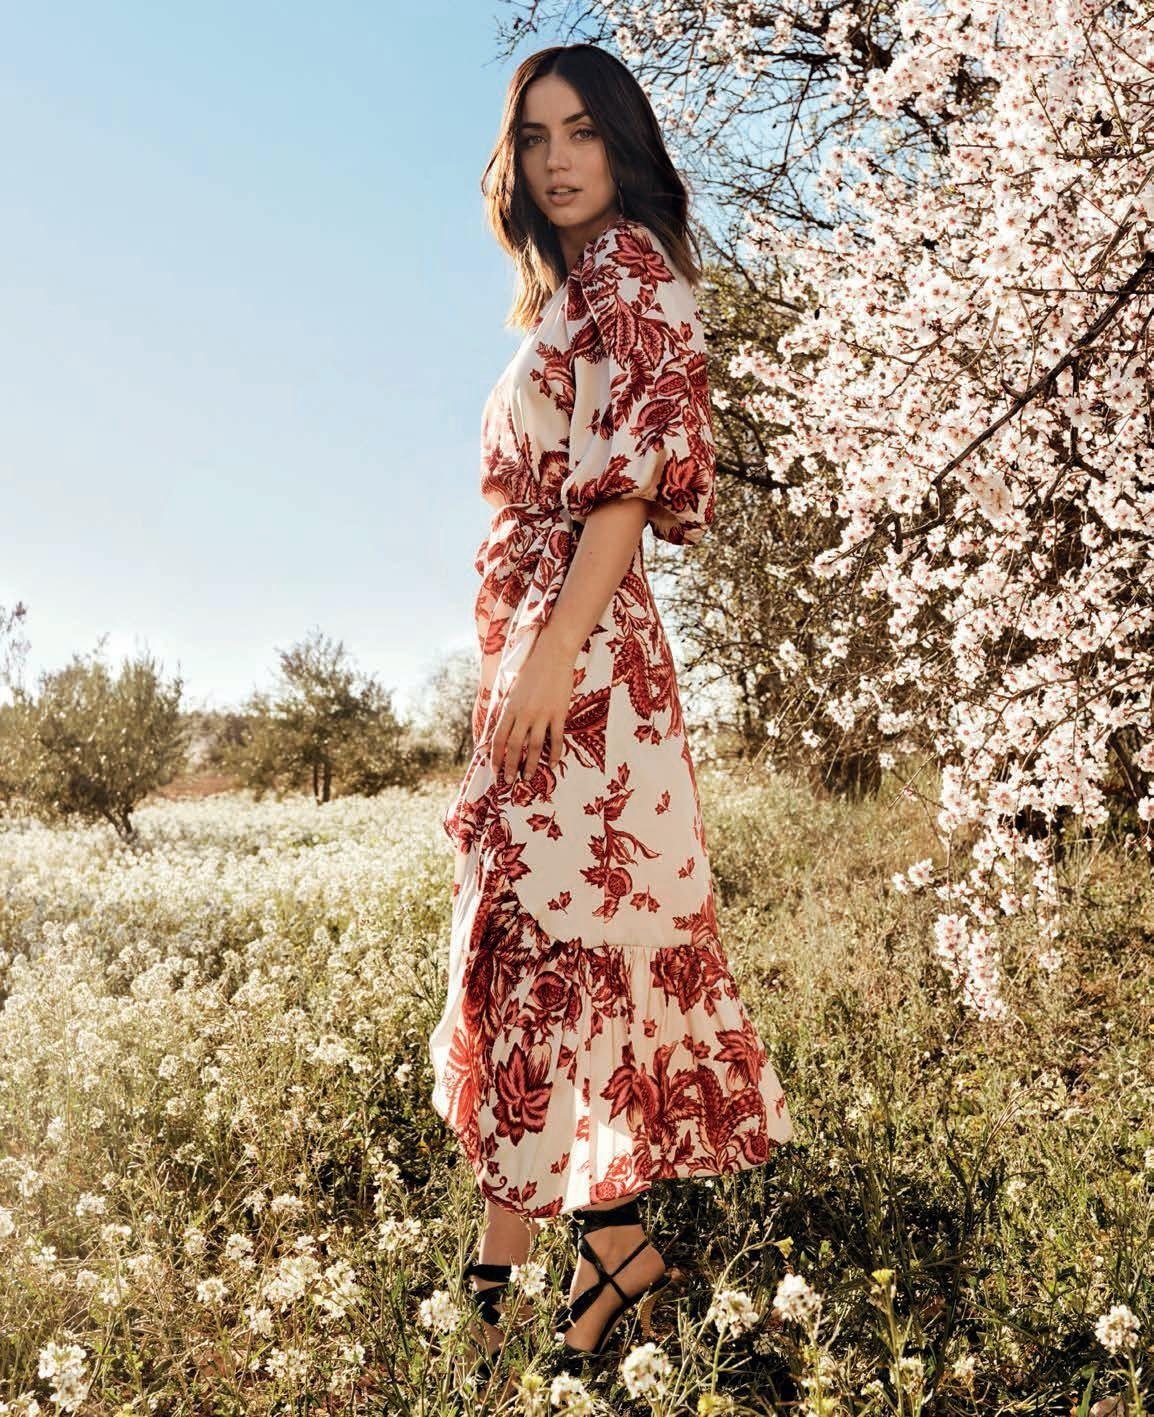 Ana De Armas Sexy – Vogue Spain April 2020 Issue 0014